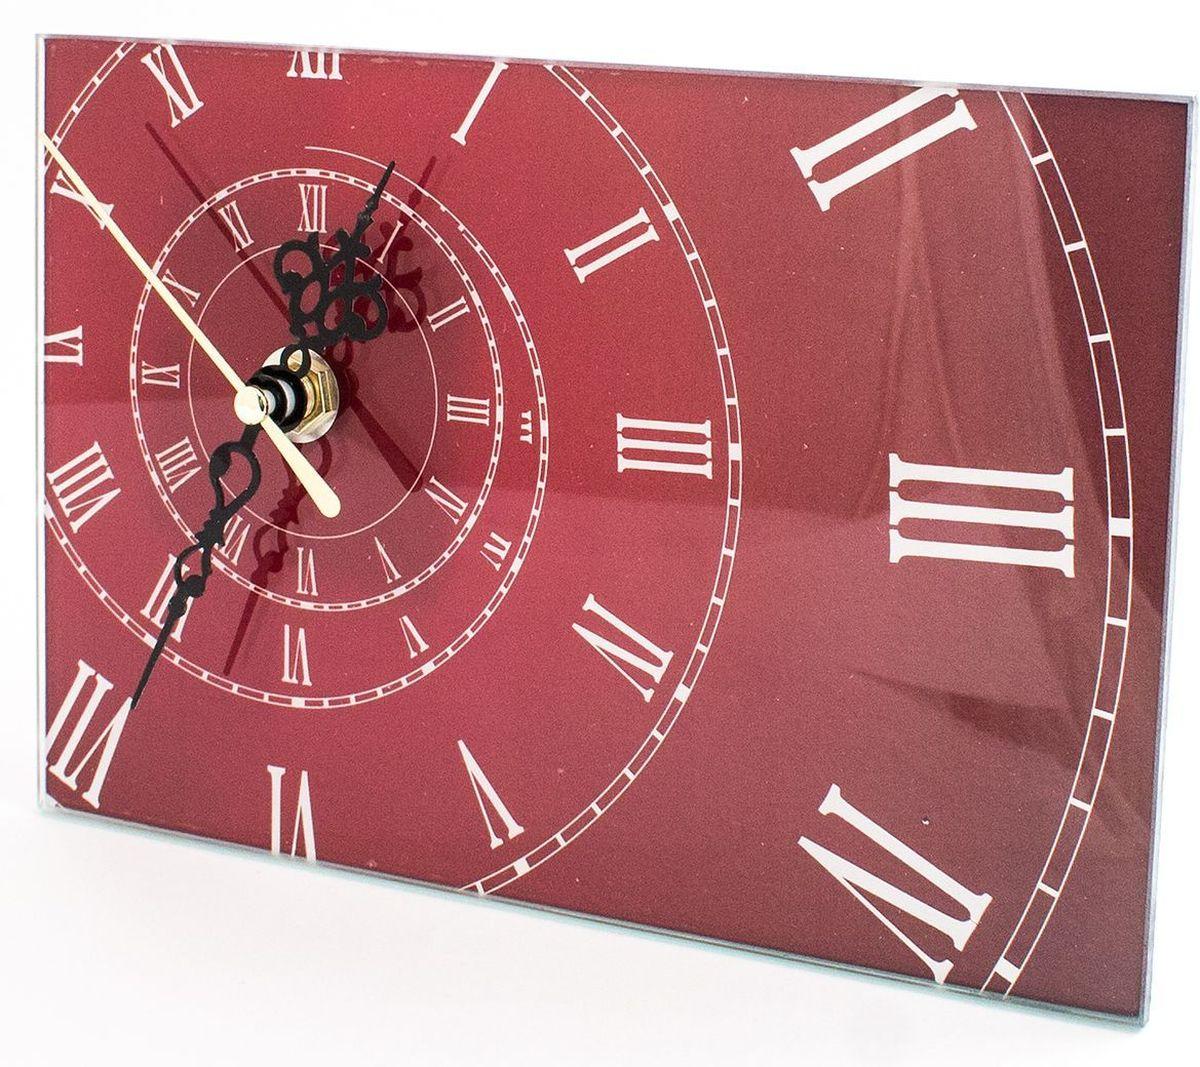 Часы настольные Эврика Спираль, стеклянные, 18 х 12 х 2 см98097Оригинальные настольные часы Эврика Спираль изготовлены из стекла. Механизм хода часов бесшумный и плавный. Сзади расположен специальный упор, благодаря которому часы можно поставить на стол. Часы также можно повесить на стену с помощью специального металлического отверстия. Такие яркие необычные часы станут украшением вашего рабочего стола и подчеркнут ваш стиль. Отличный подарок друзьям и близким, который обязательно вызовет улыбку и радость. Часы работают от одной батарейки напряжением 1,5V типа AA (в комплект не входит).